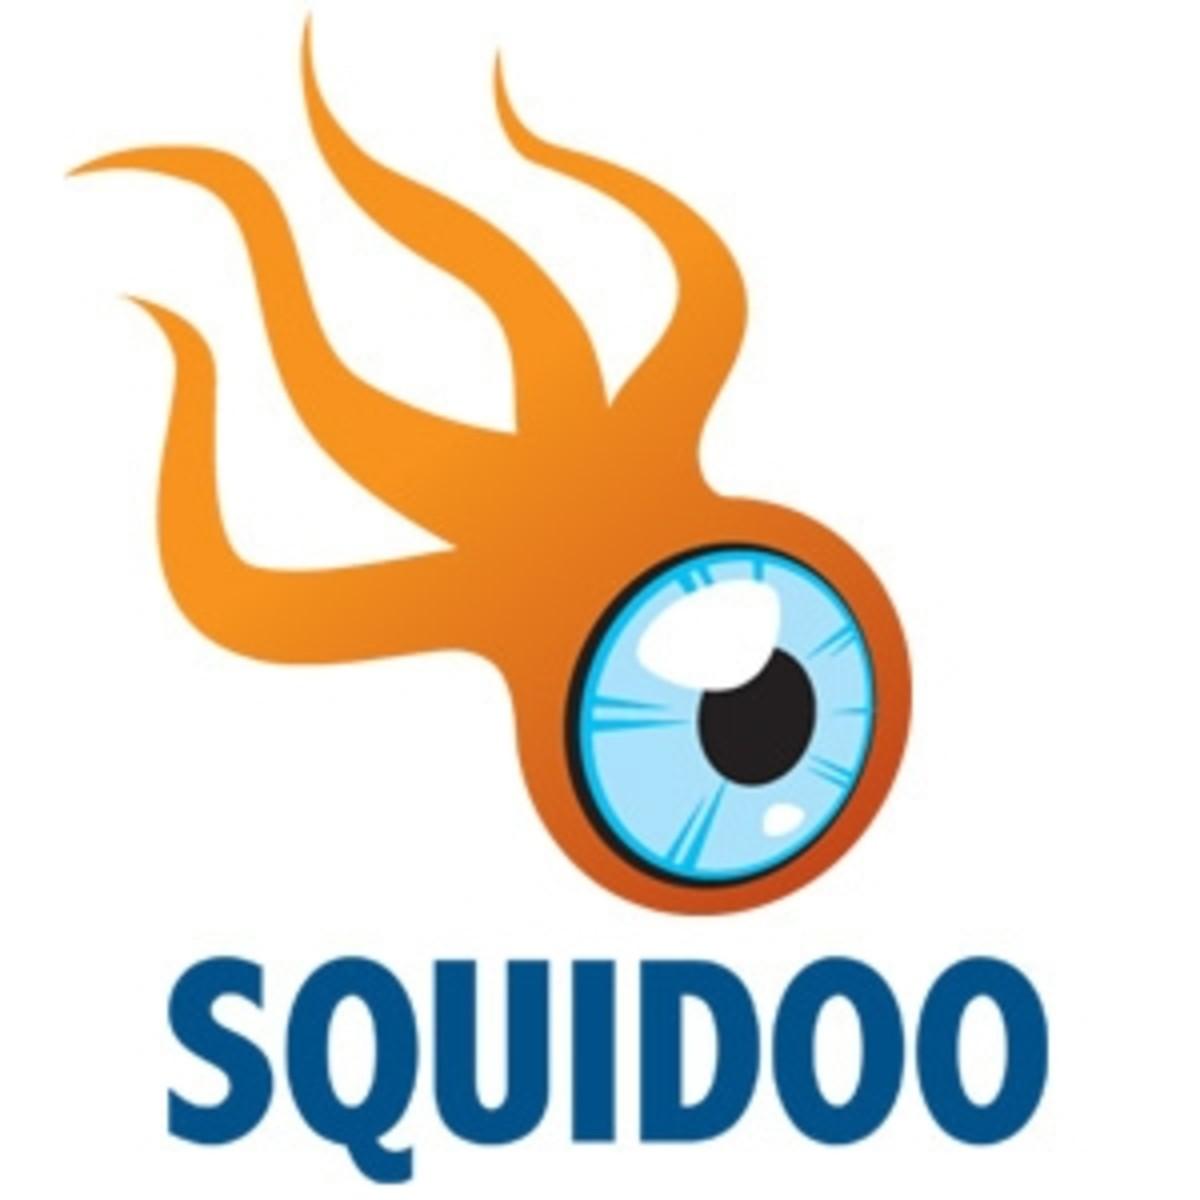 Squidoo.com Logo (TM)